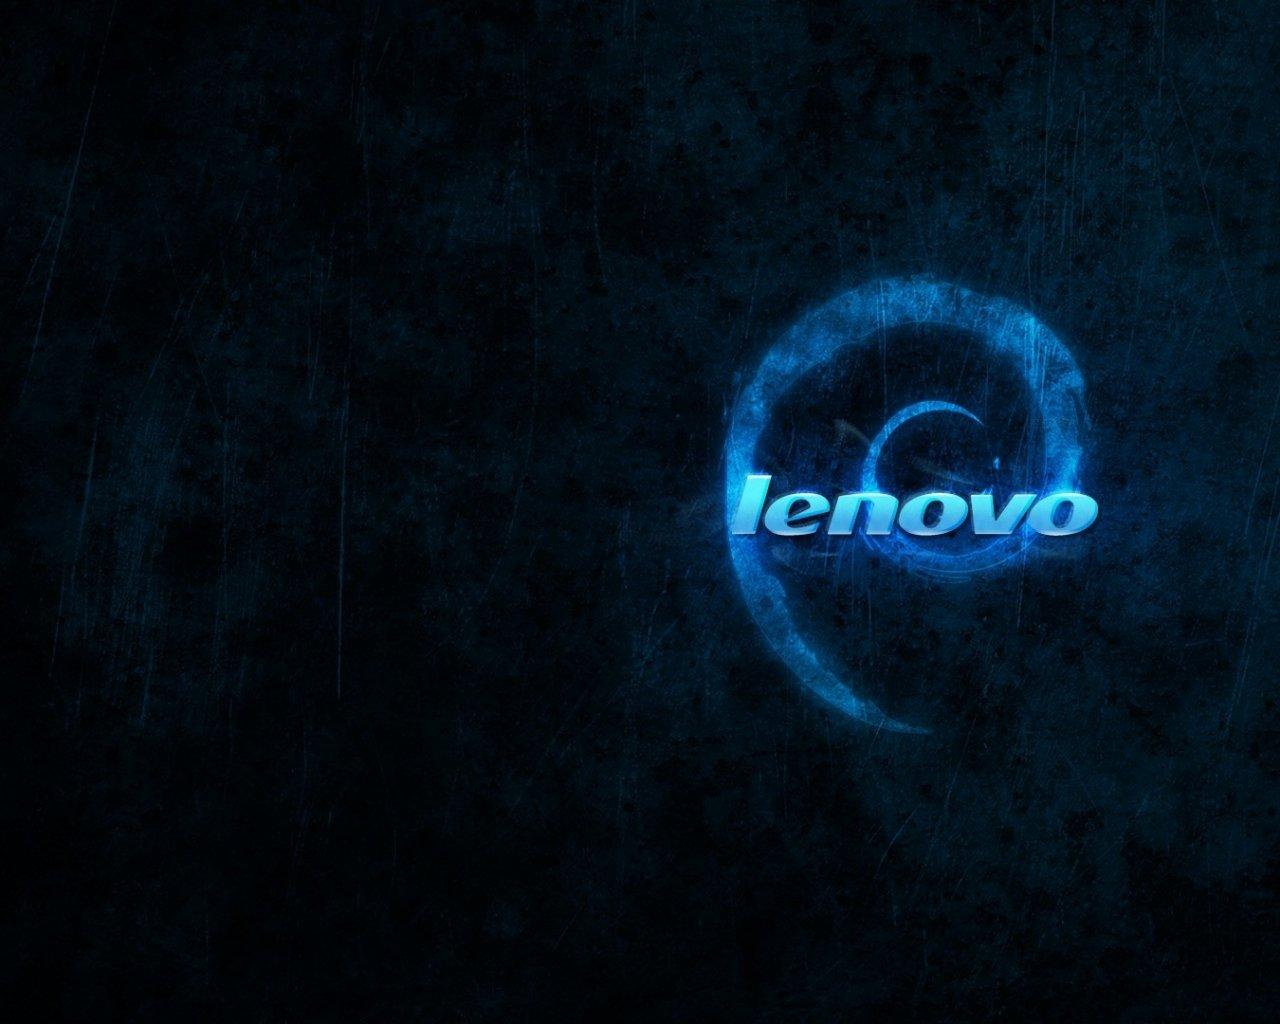 Lenovo Wallpapers Cute: Lenovo Wallpaper Windows 7